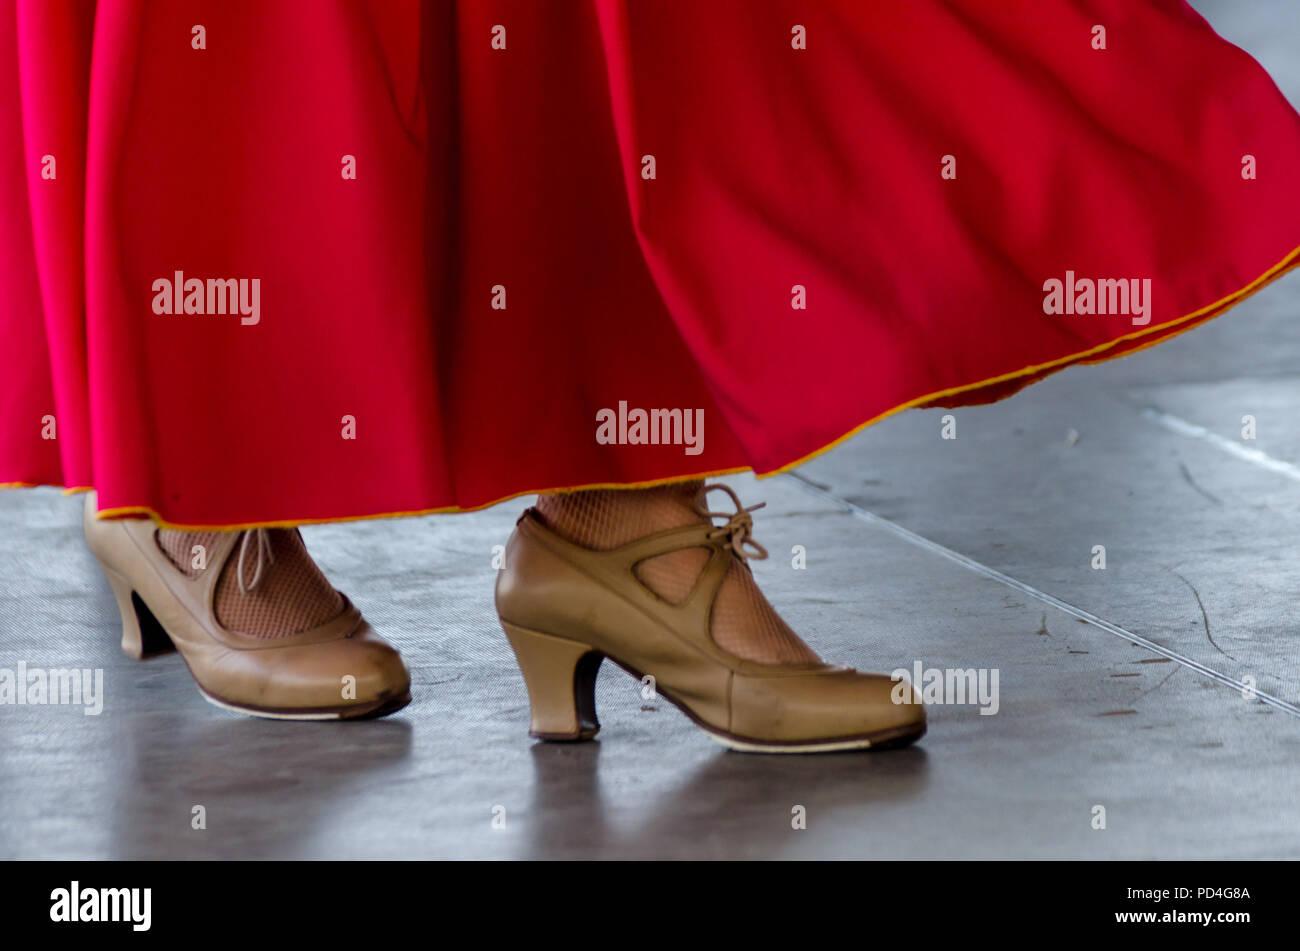 9d84da4cfb3a29 Libre de chaussures typiques de la cuisine espagnole traditionnelle  chaussures pour la danse flamenco, talons